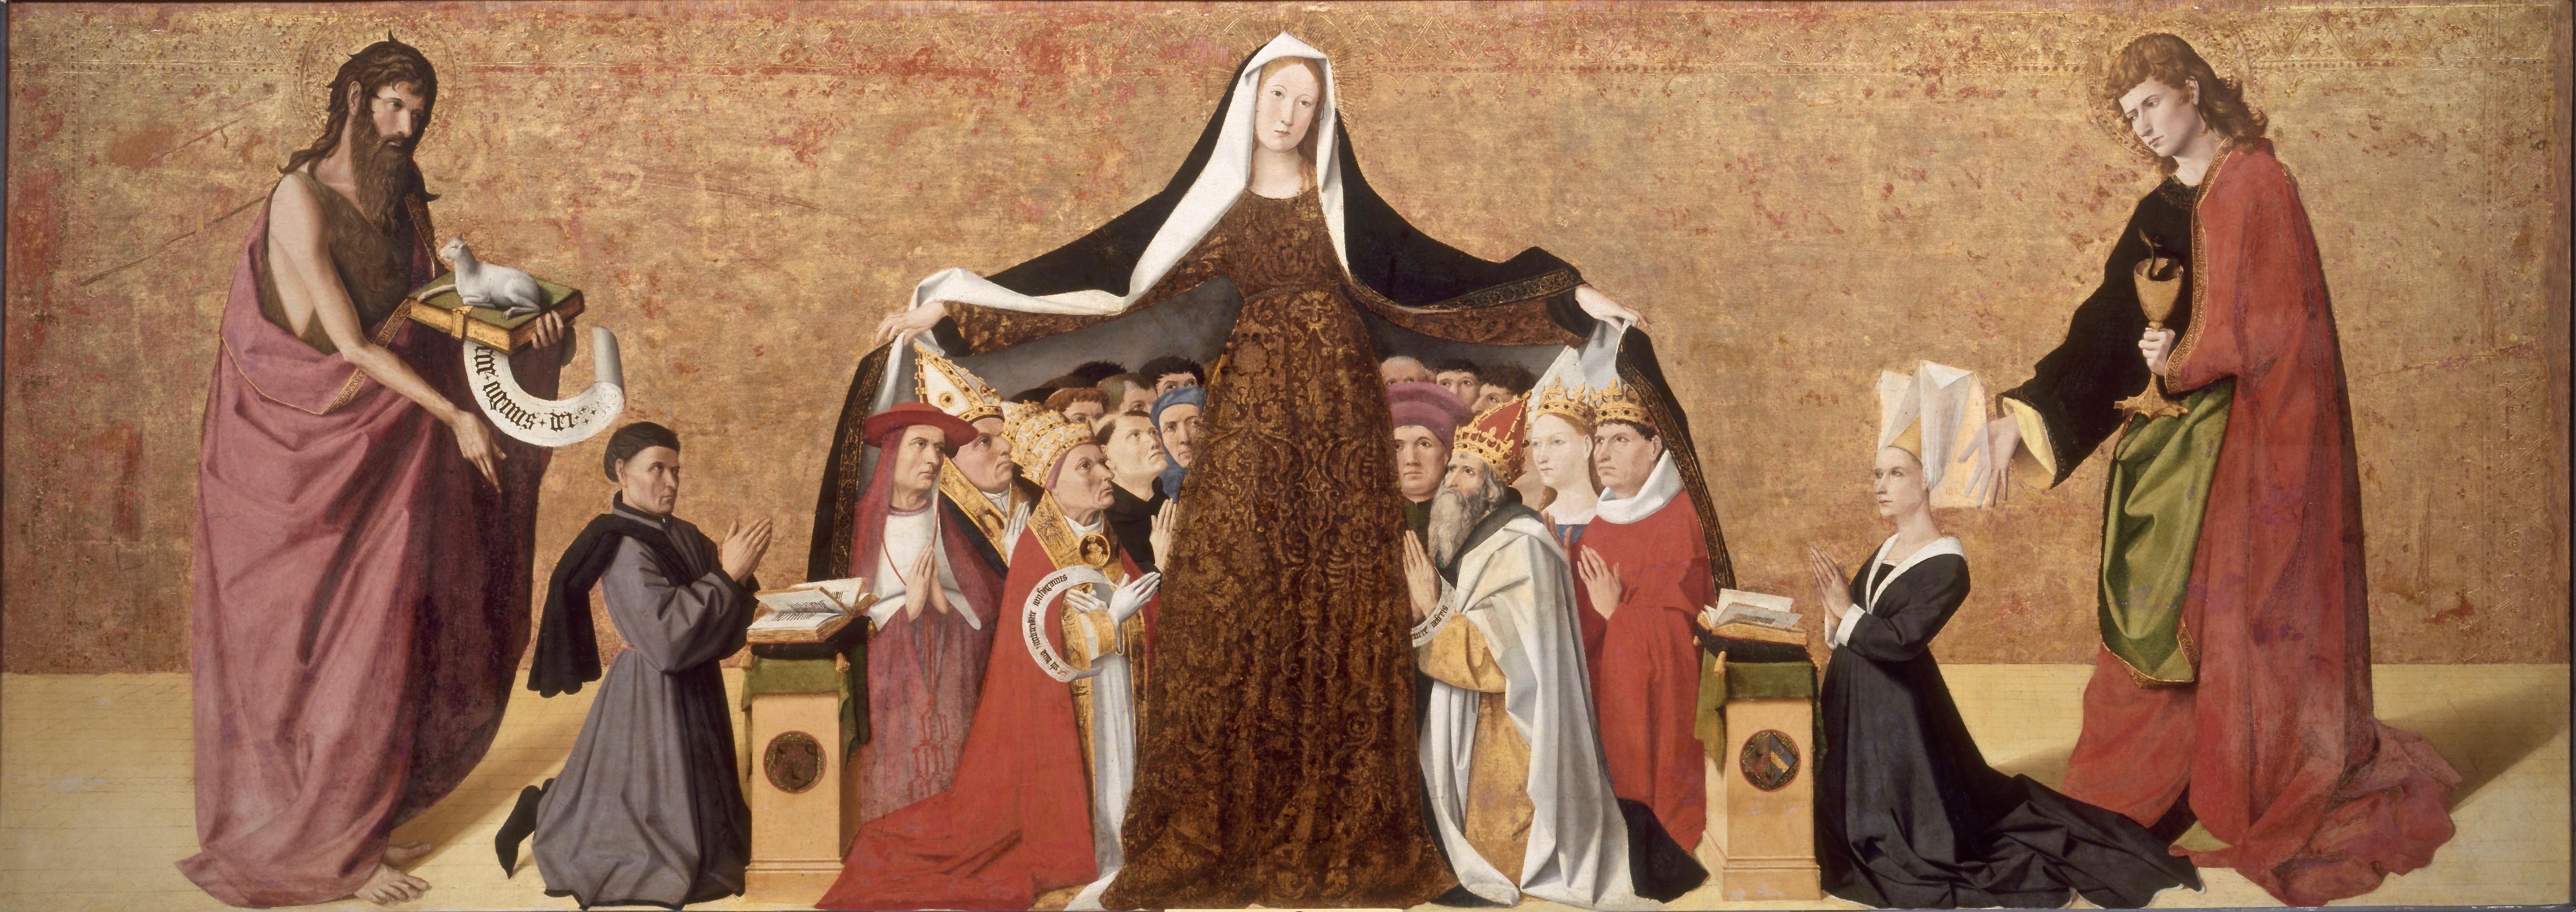 Vierge_de_miséricorde_-_Enguerrand_Quarton_-_Musée_Condé